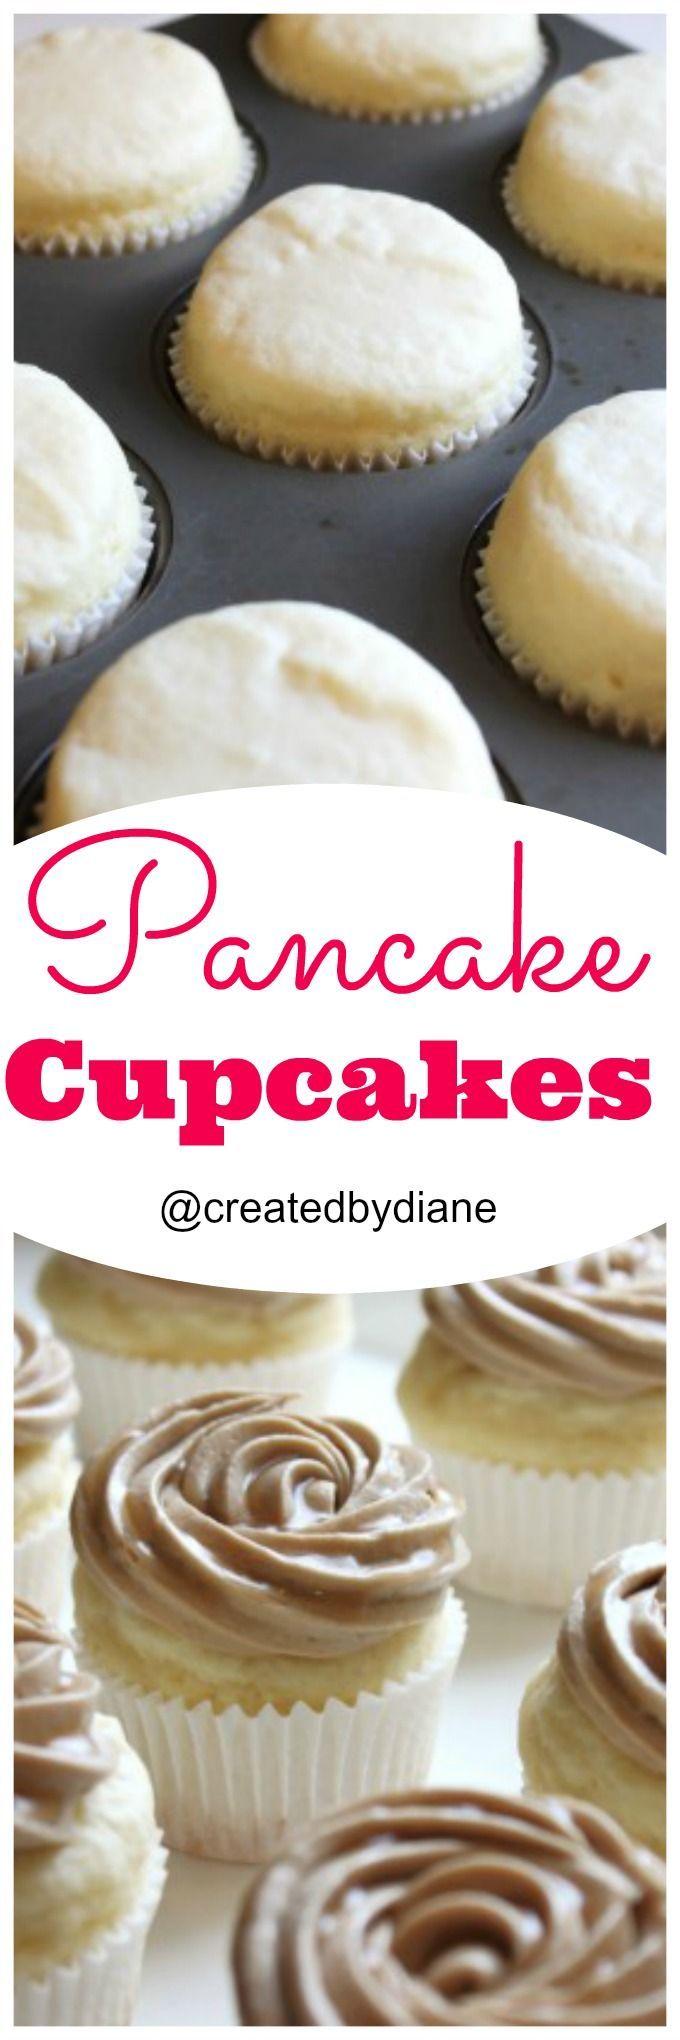 Pancake Cupcakes @createdbydiane